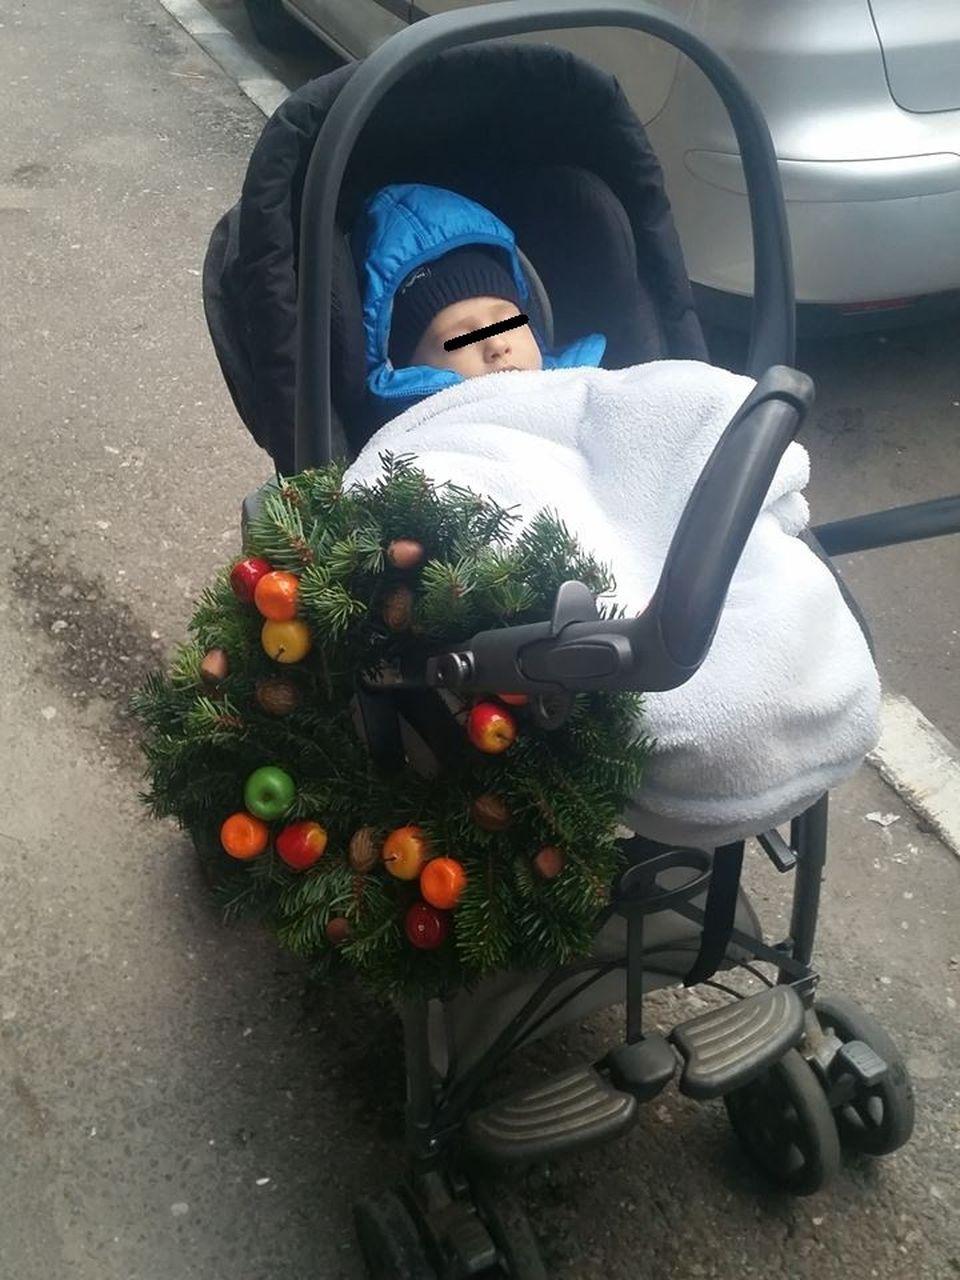 FOTO! Ce idee inedita a avut Dana Rogoz! A impodobit carutul baietelului cu o coronita de brad!